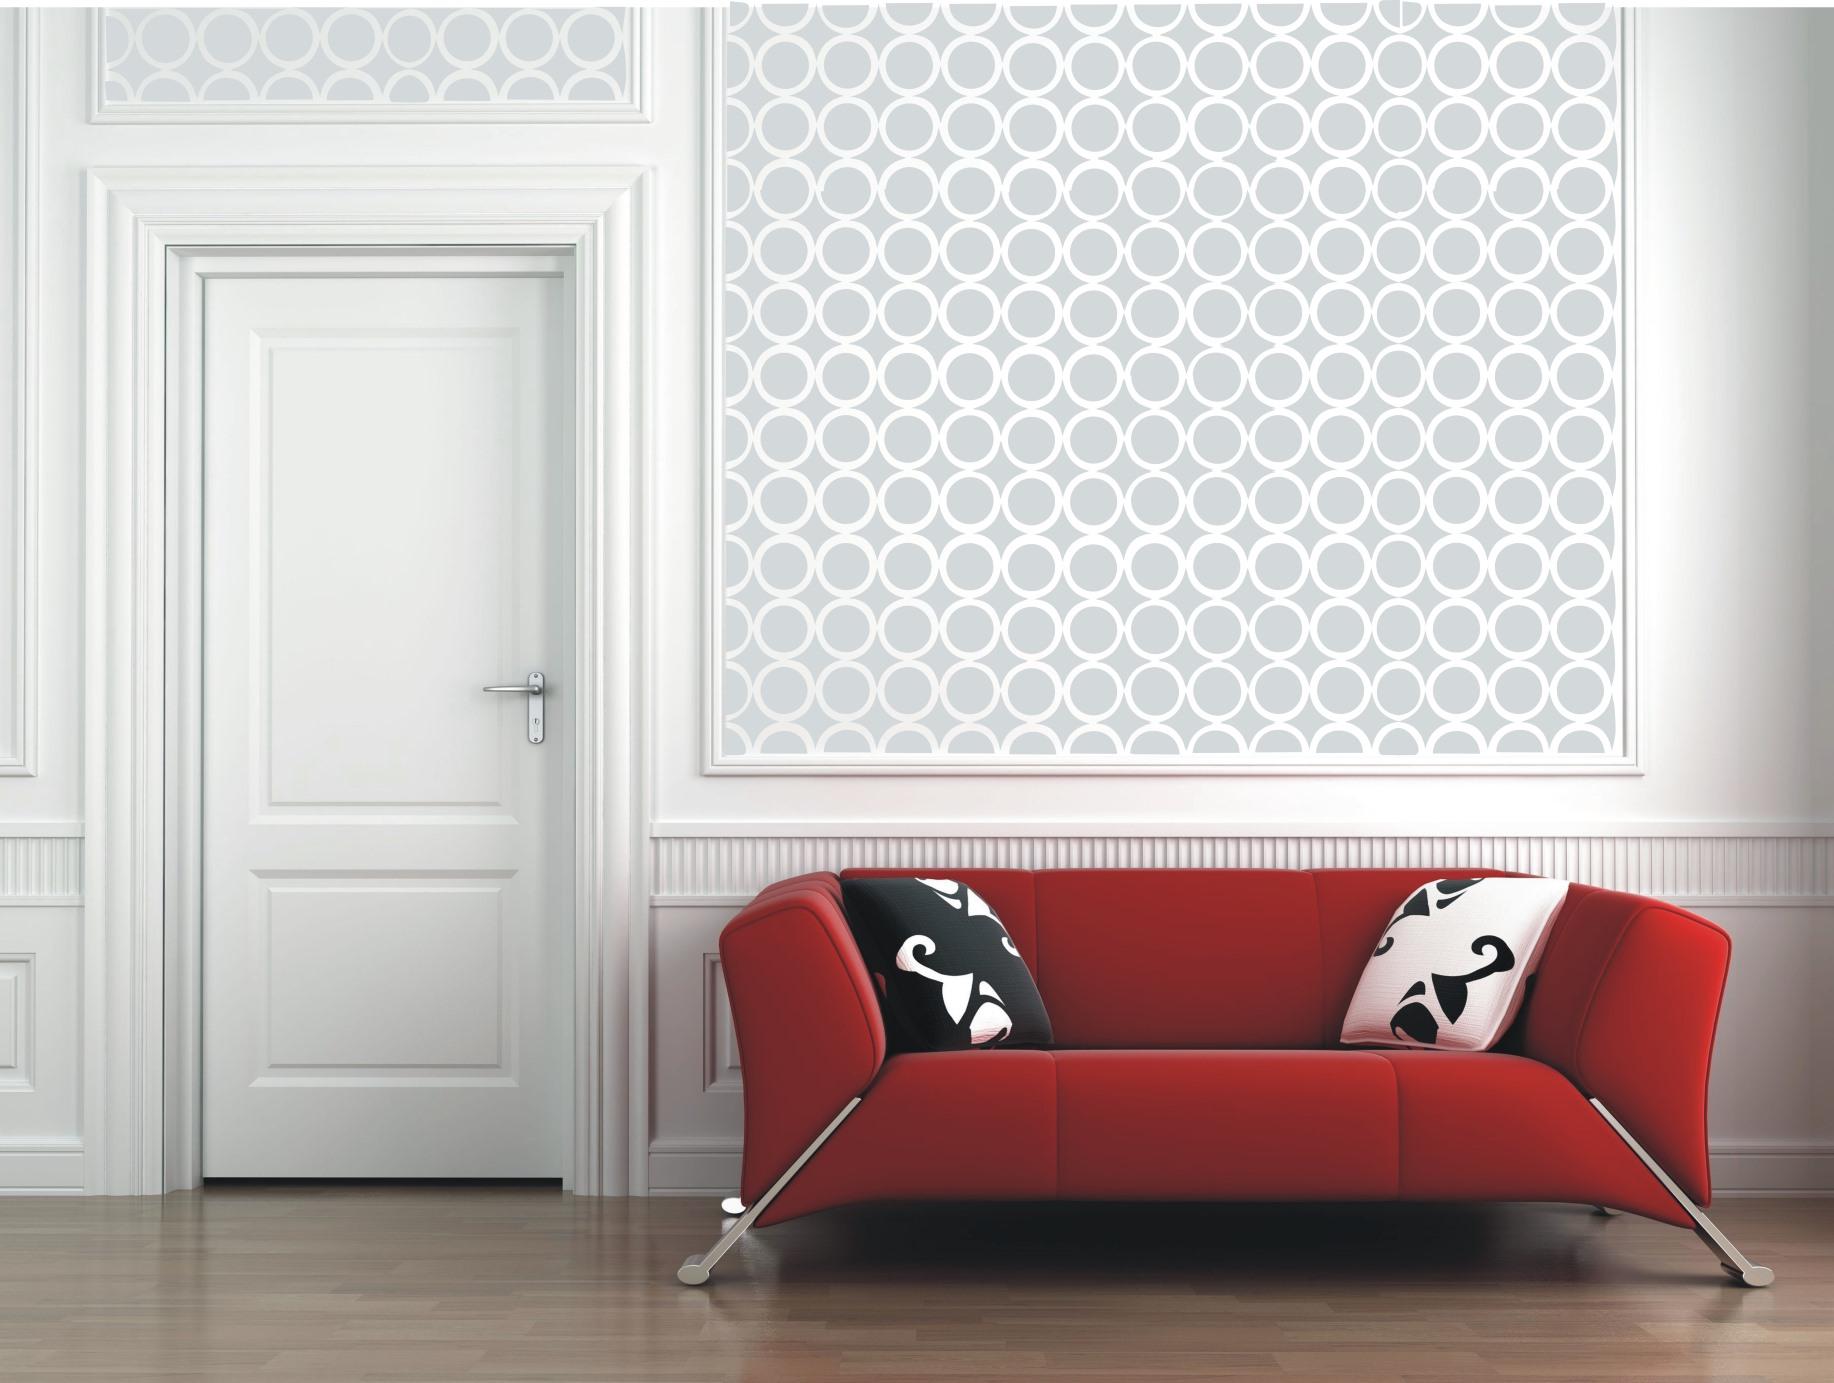 Circle diamond wallpaper the stencil company circle diamond wallpaper amipublicfo Image collections